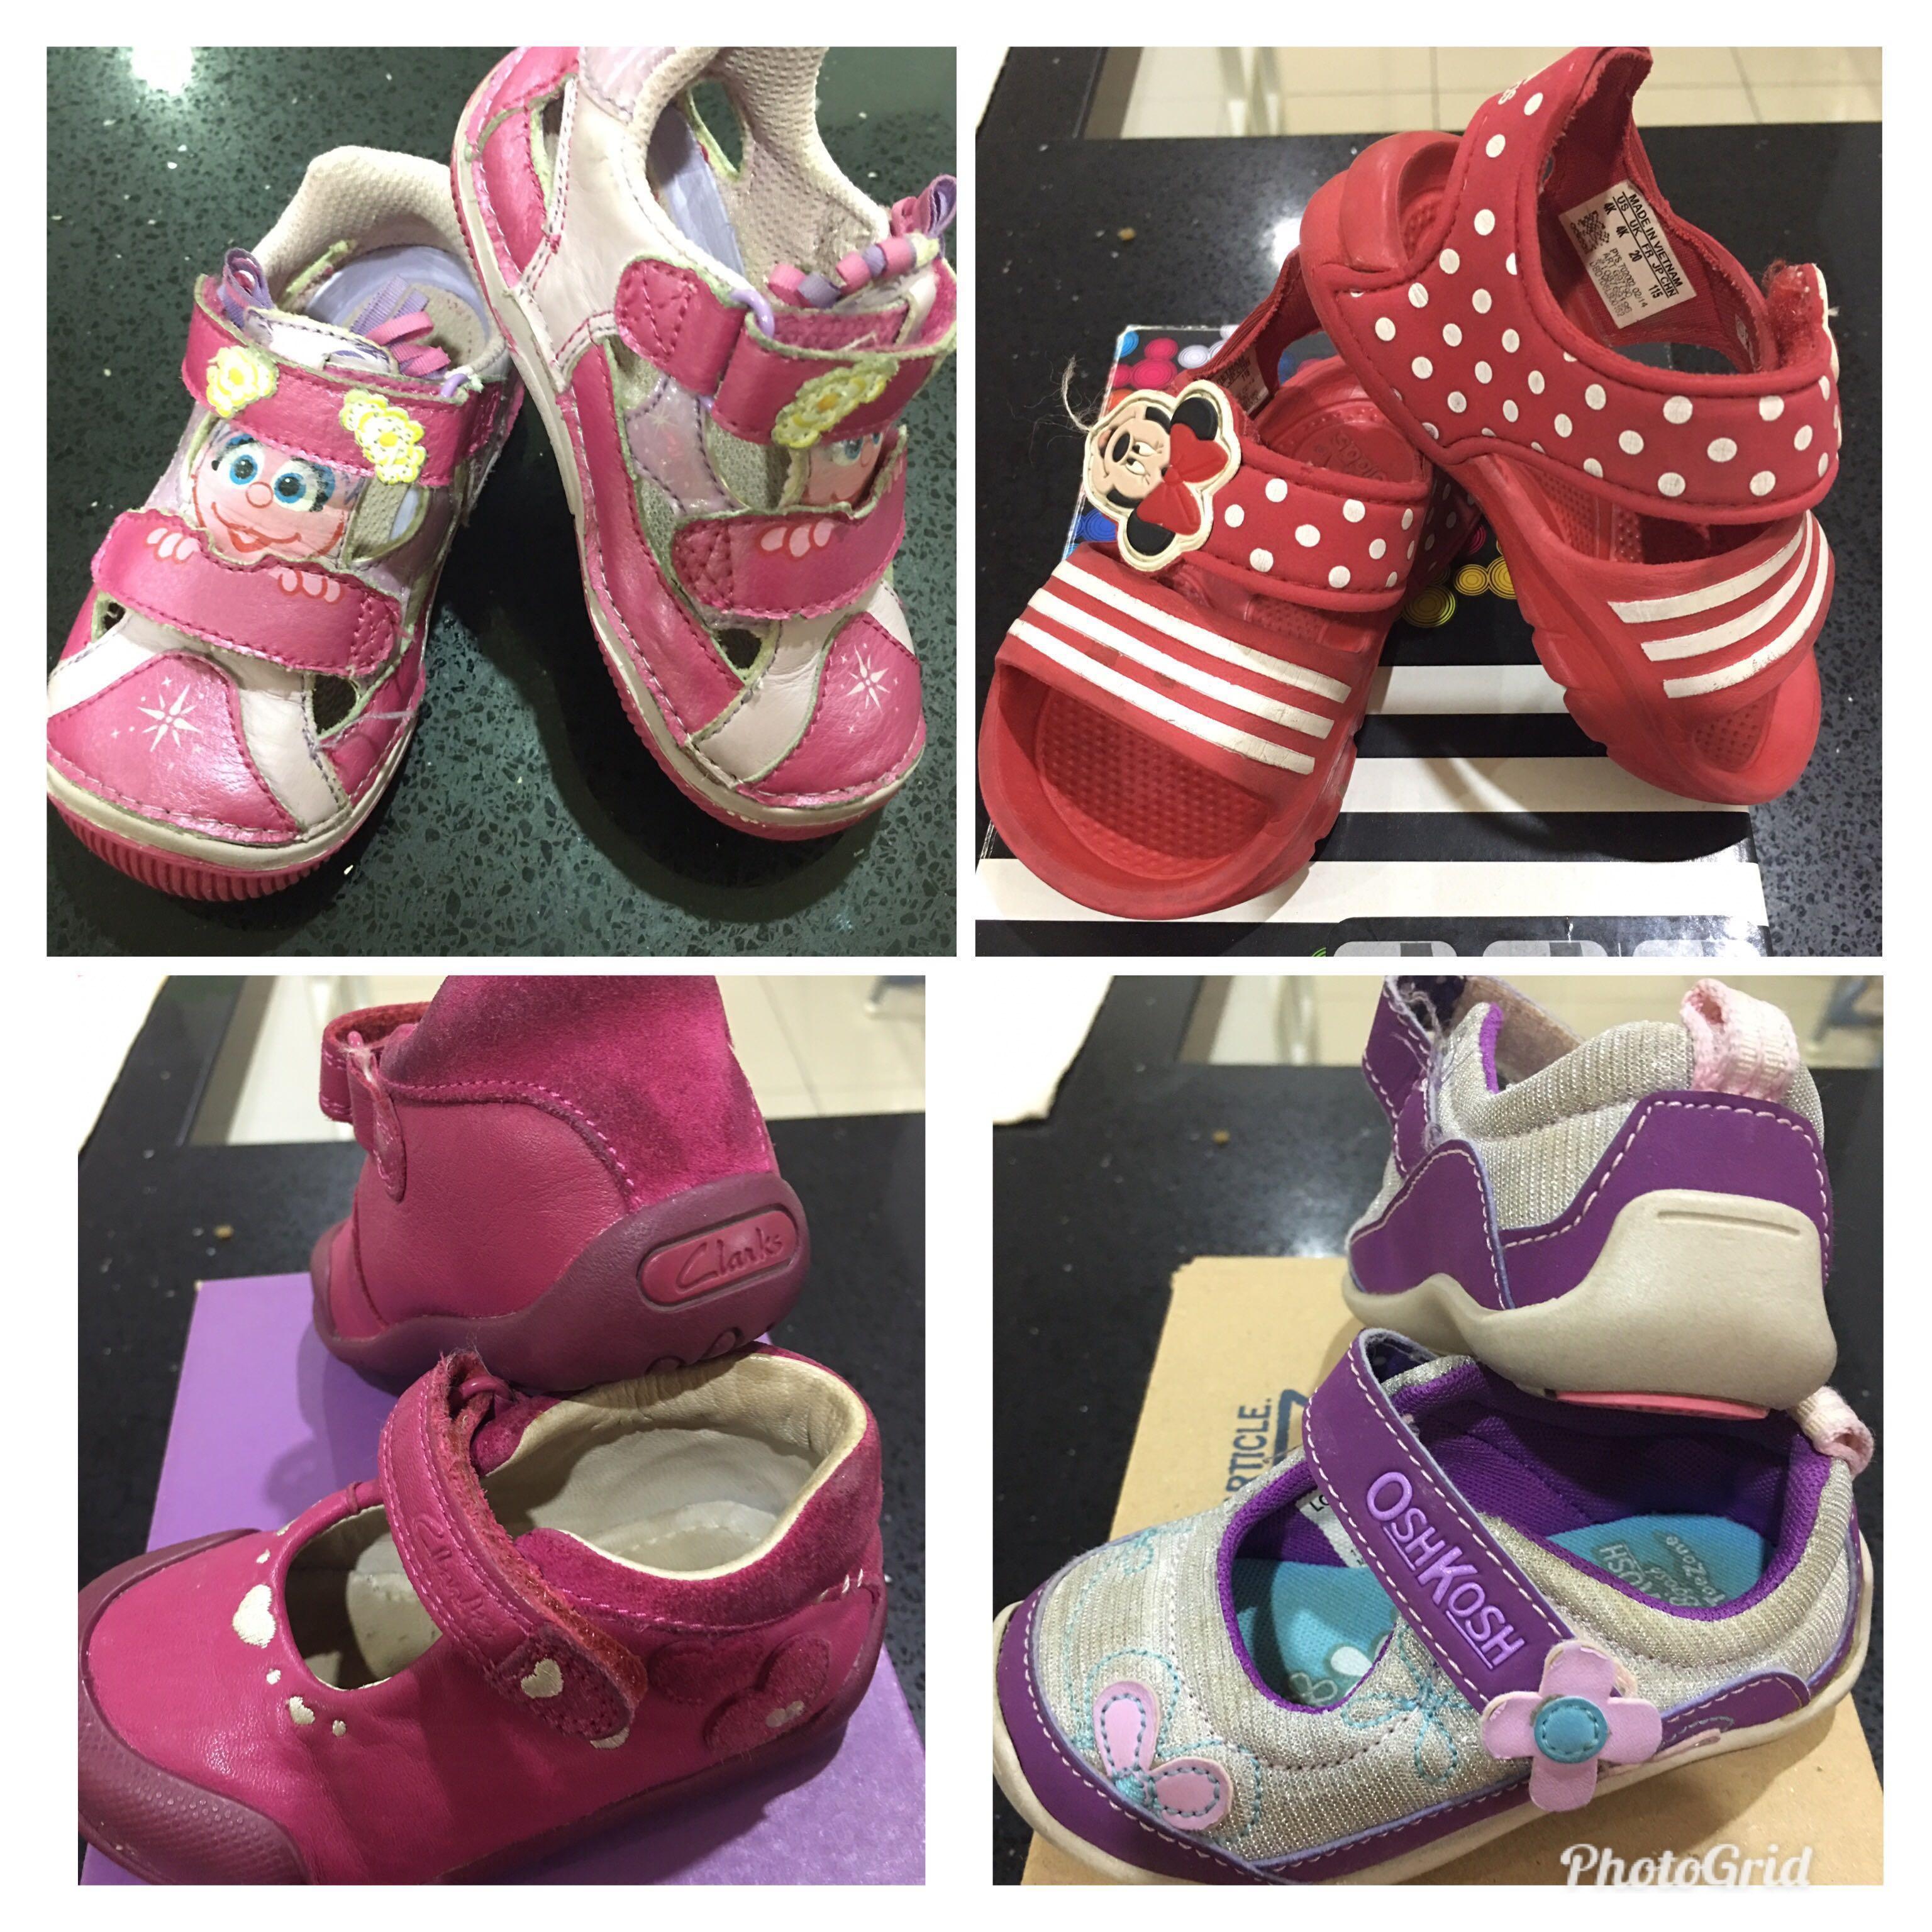 Preloved BabyGirl Shoe Stride Rite Clarks Adidas OshKosh only